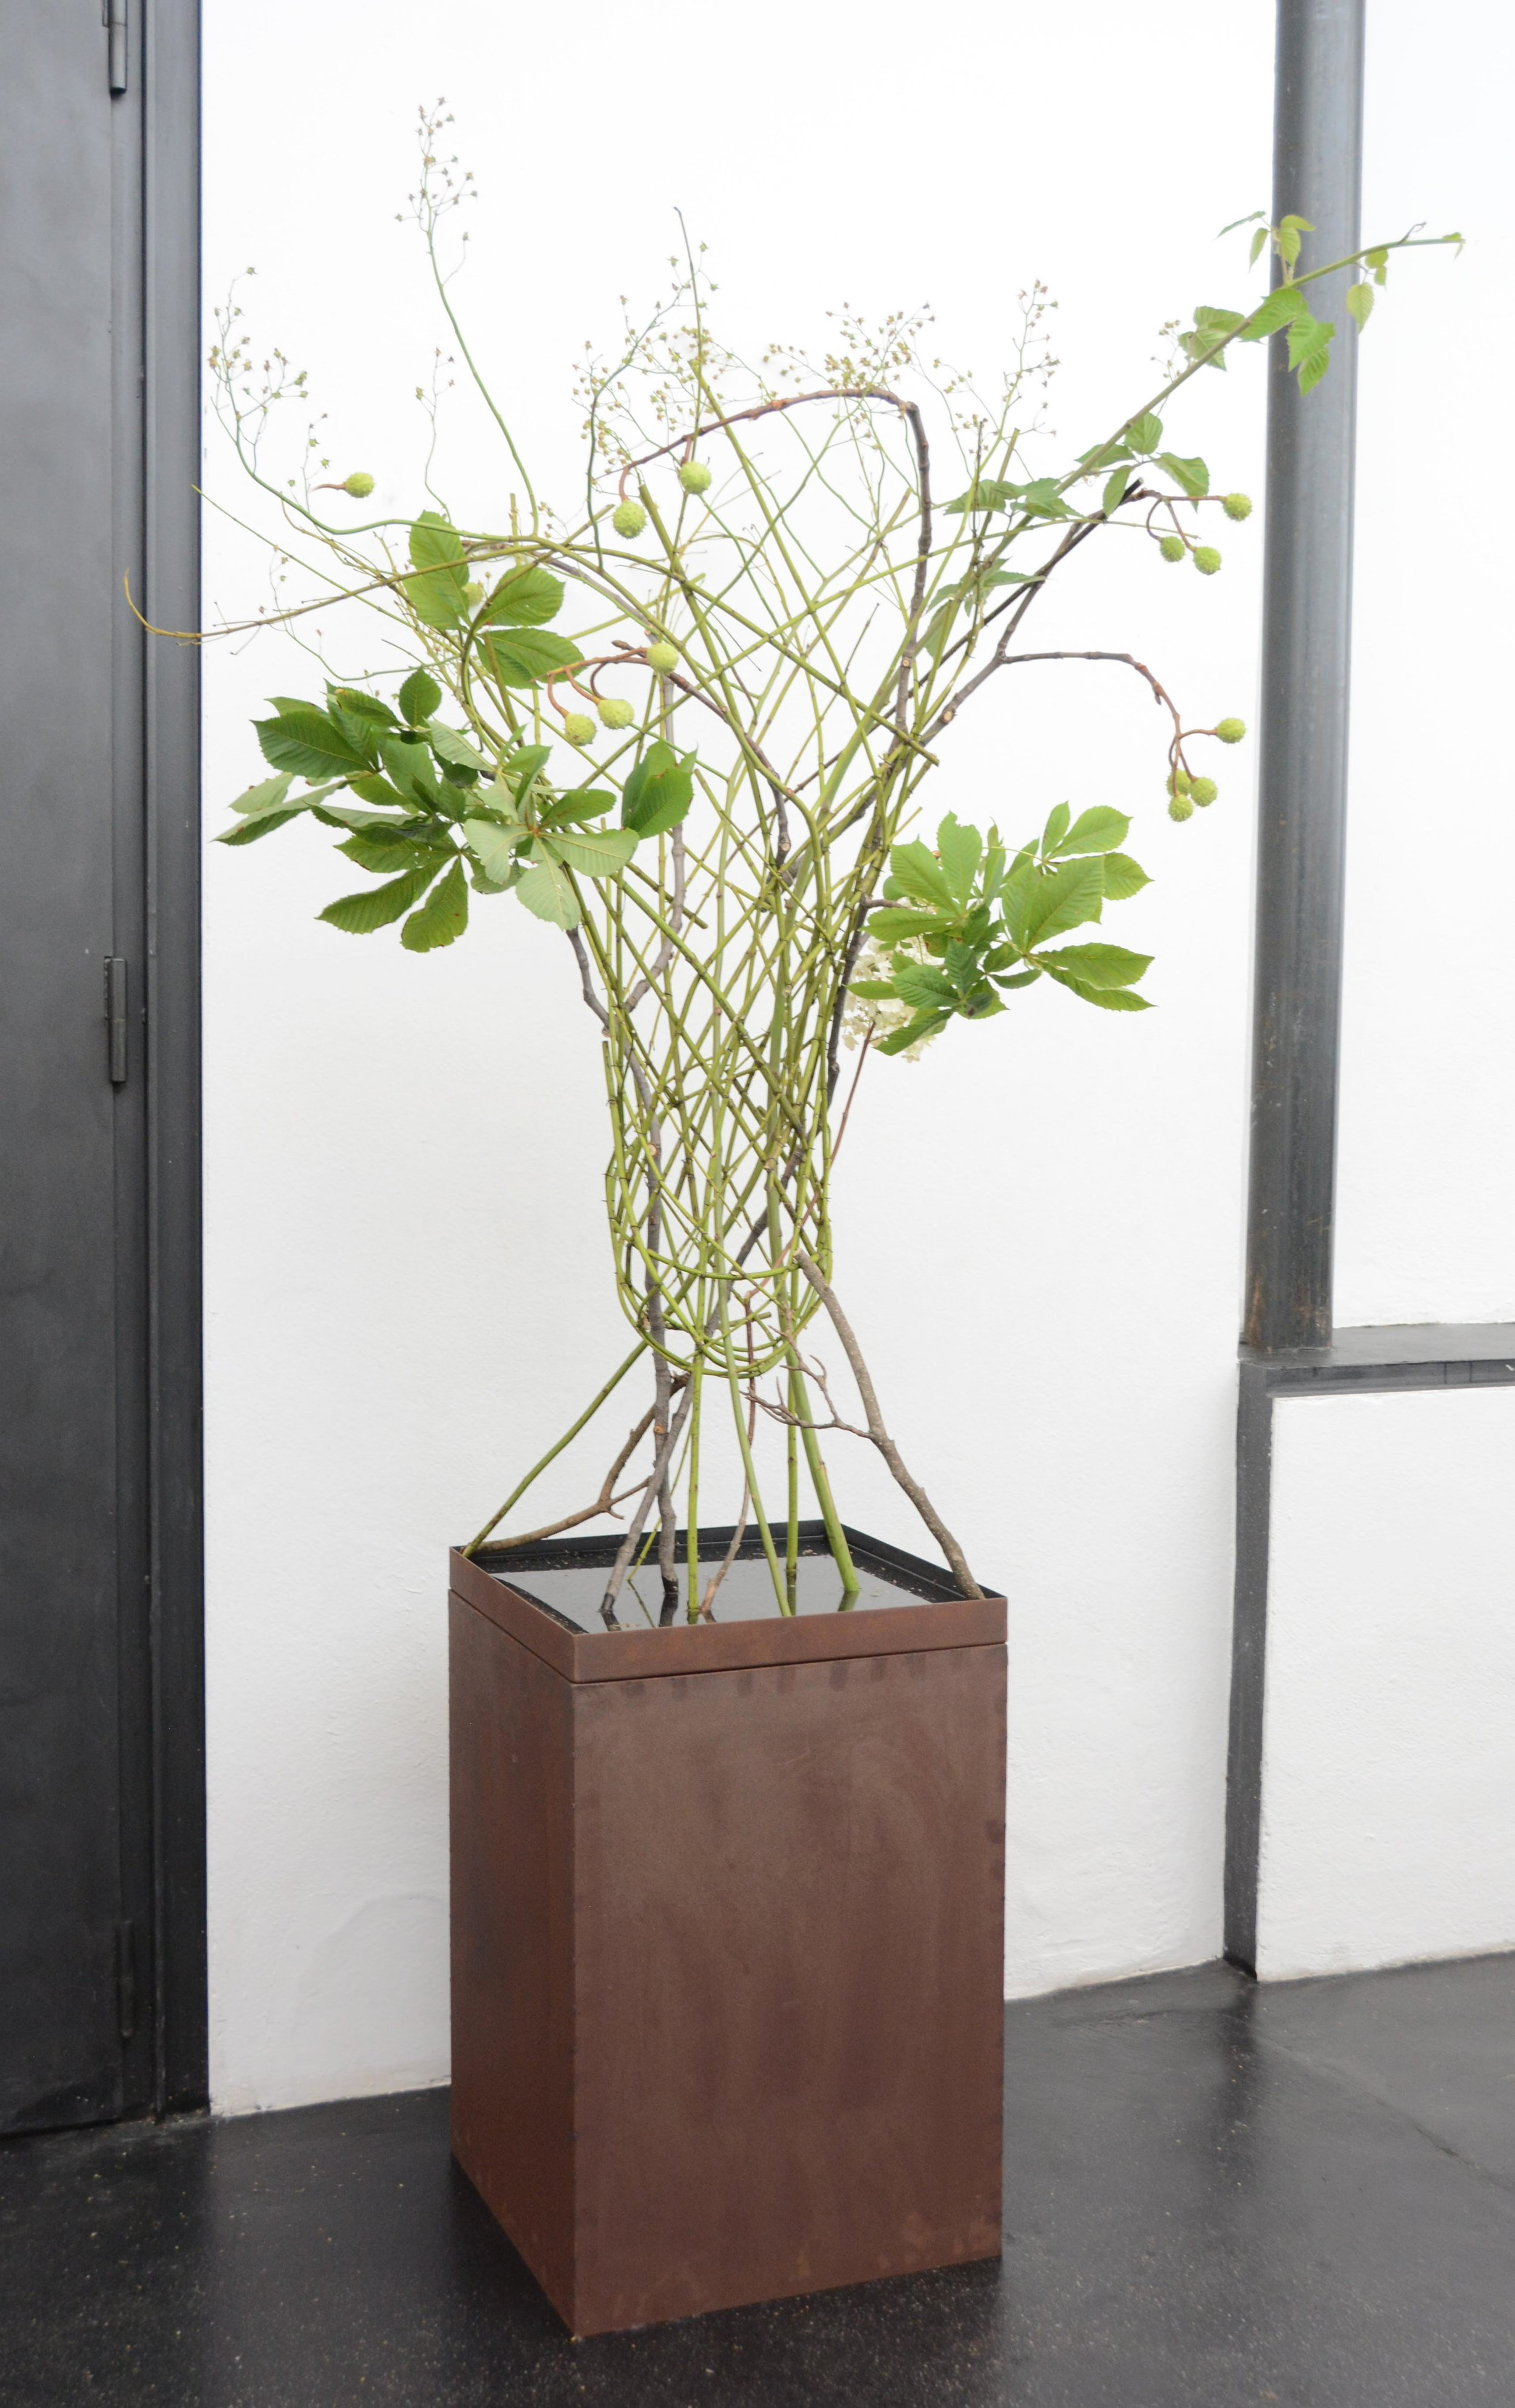 Auf filigranen Stelzen schwebten die Floralien im oberen Gestaltungsbereich, ein Balanceakt, der Carmen Müller wunderbar gelang.